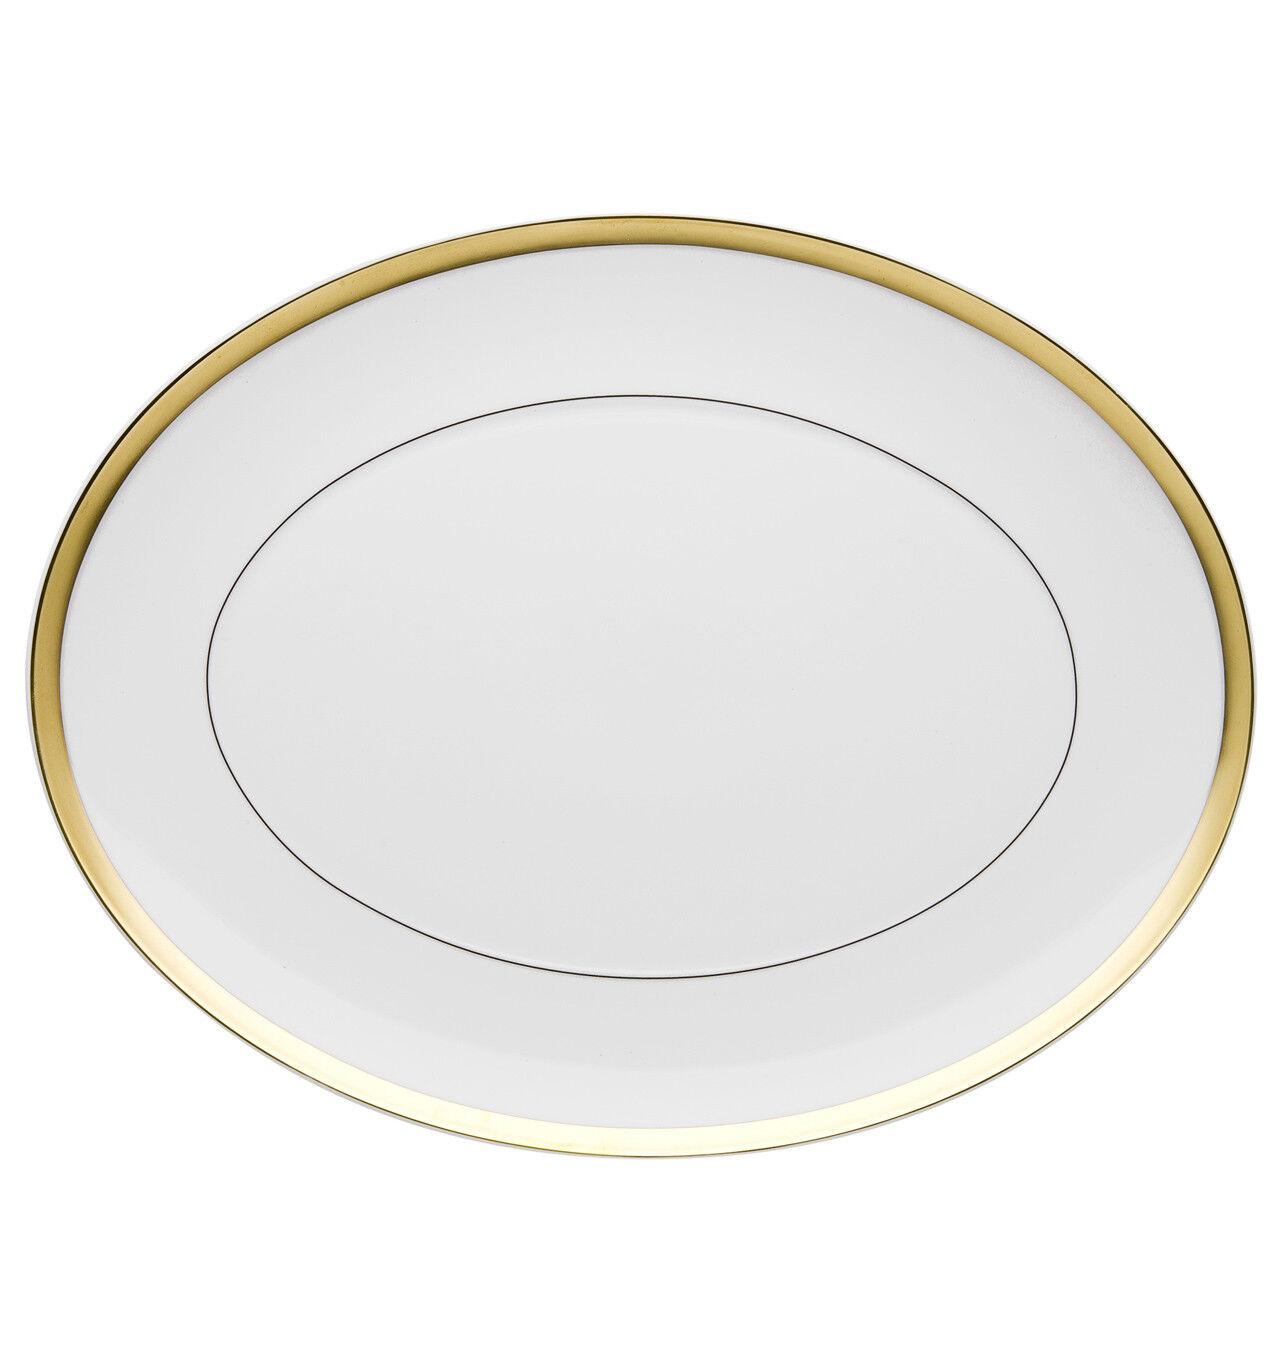 Vista Alegre Domo or Large Oval Platter